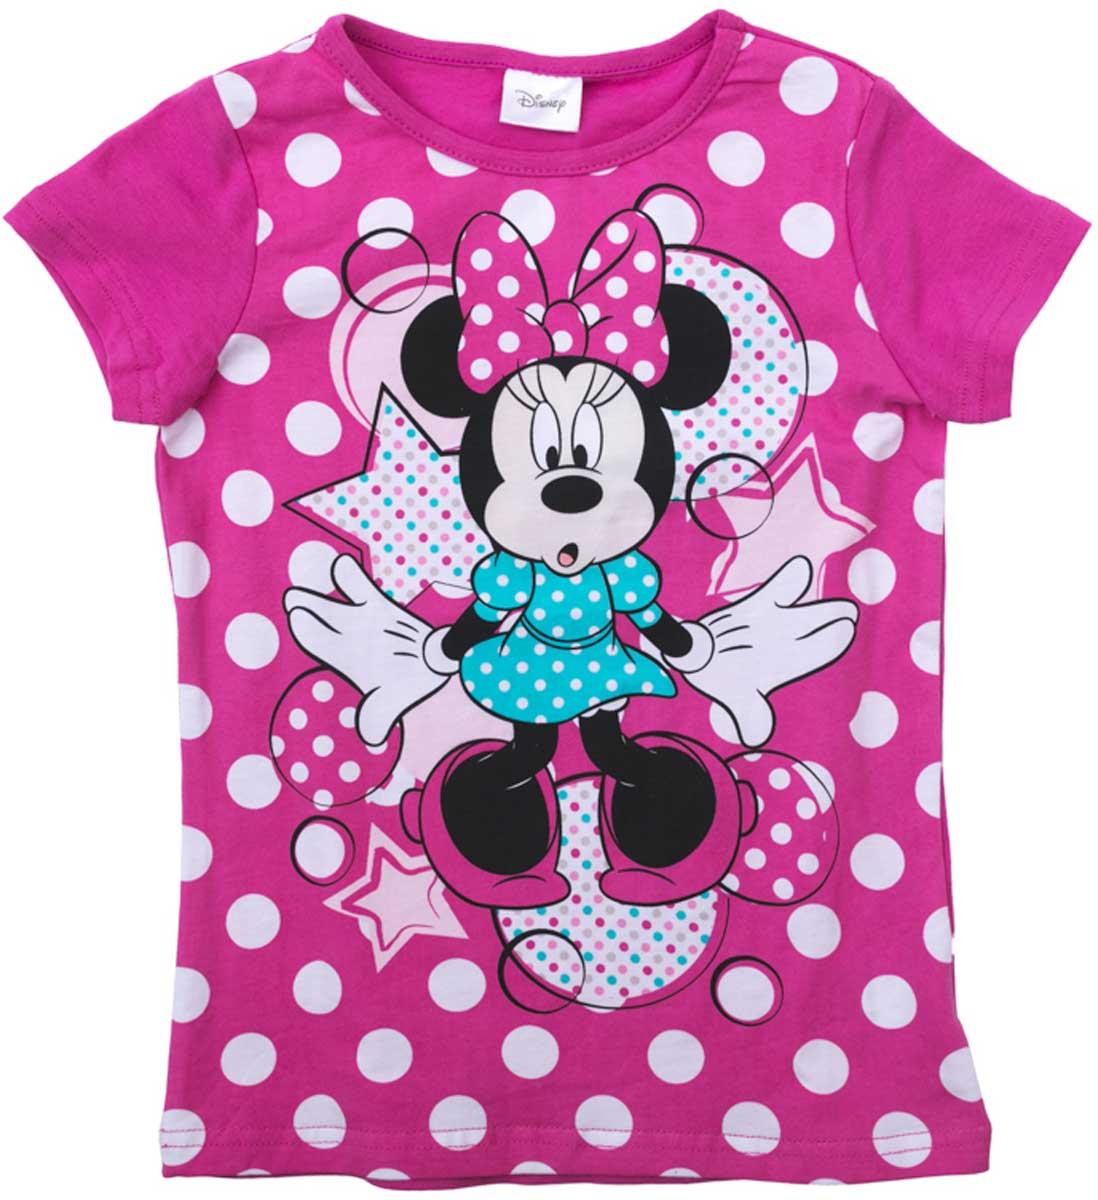 Футболка для девочки PlayToday, цвет: розовый, белый, голубой, черный. 672054. Размер 122672054Футболка для девочки PlayToday выполнена из хлопка и эластана. Модель с круглым вырезом горловины и короткими рукавами оформлена оригинальным принтом.